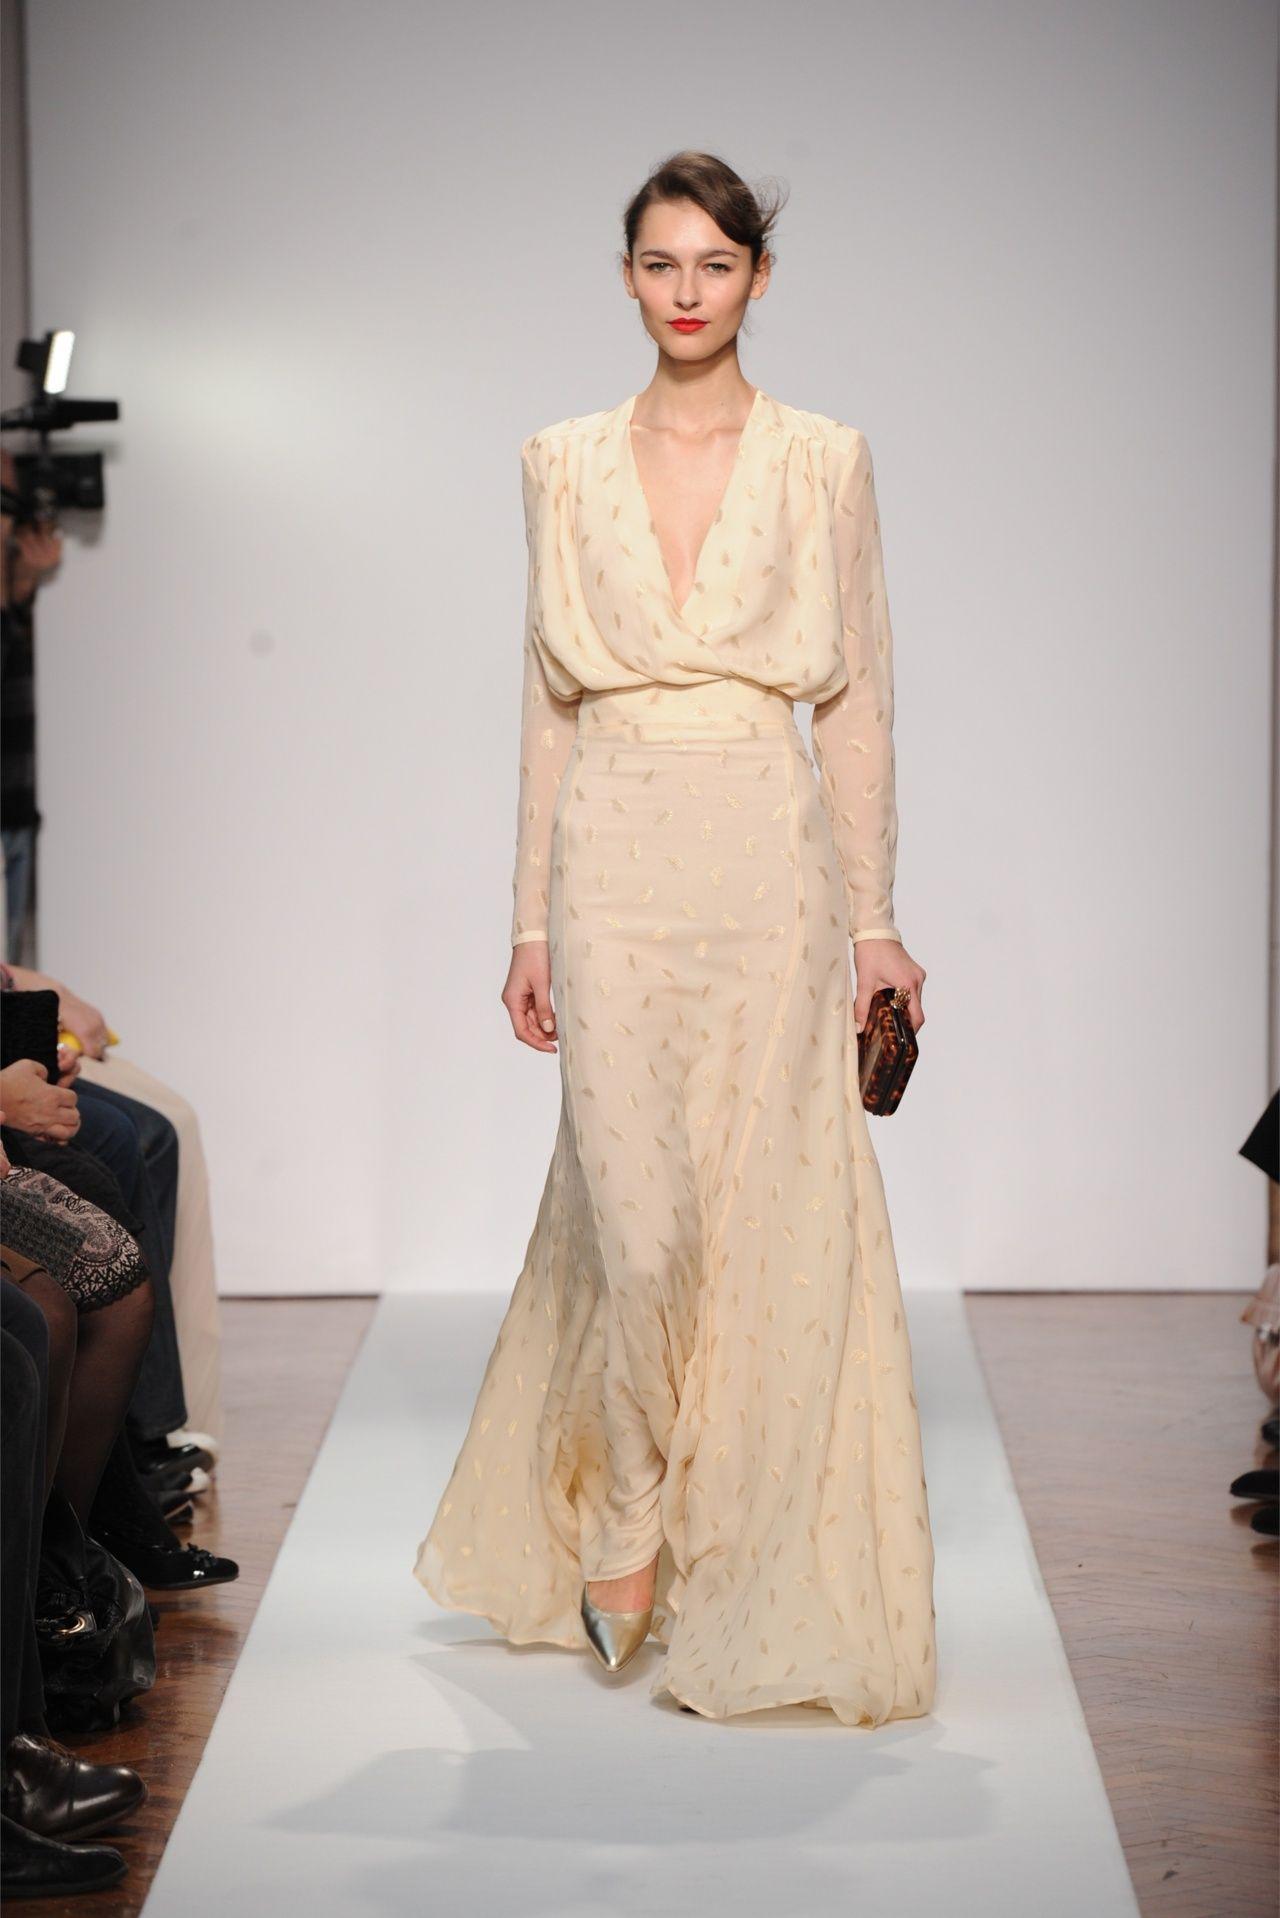 Ghim trên 2dayslook - Nude Dress